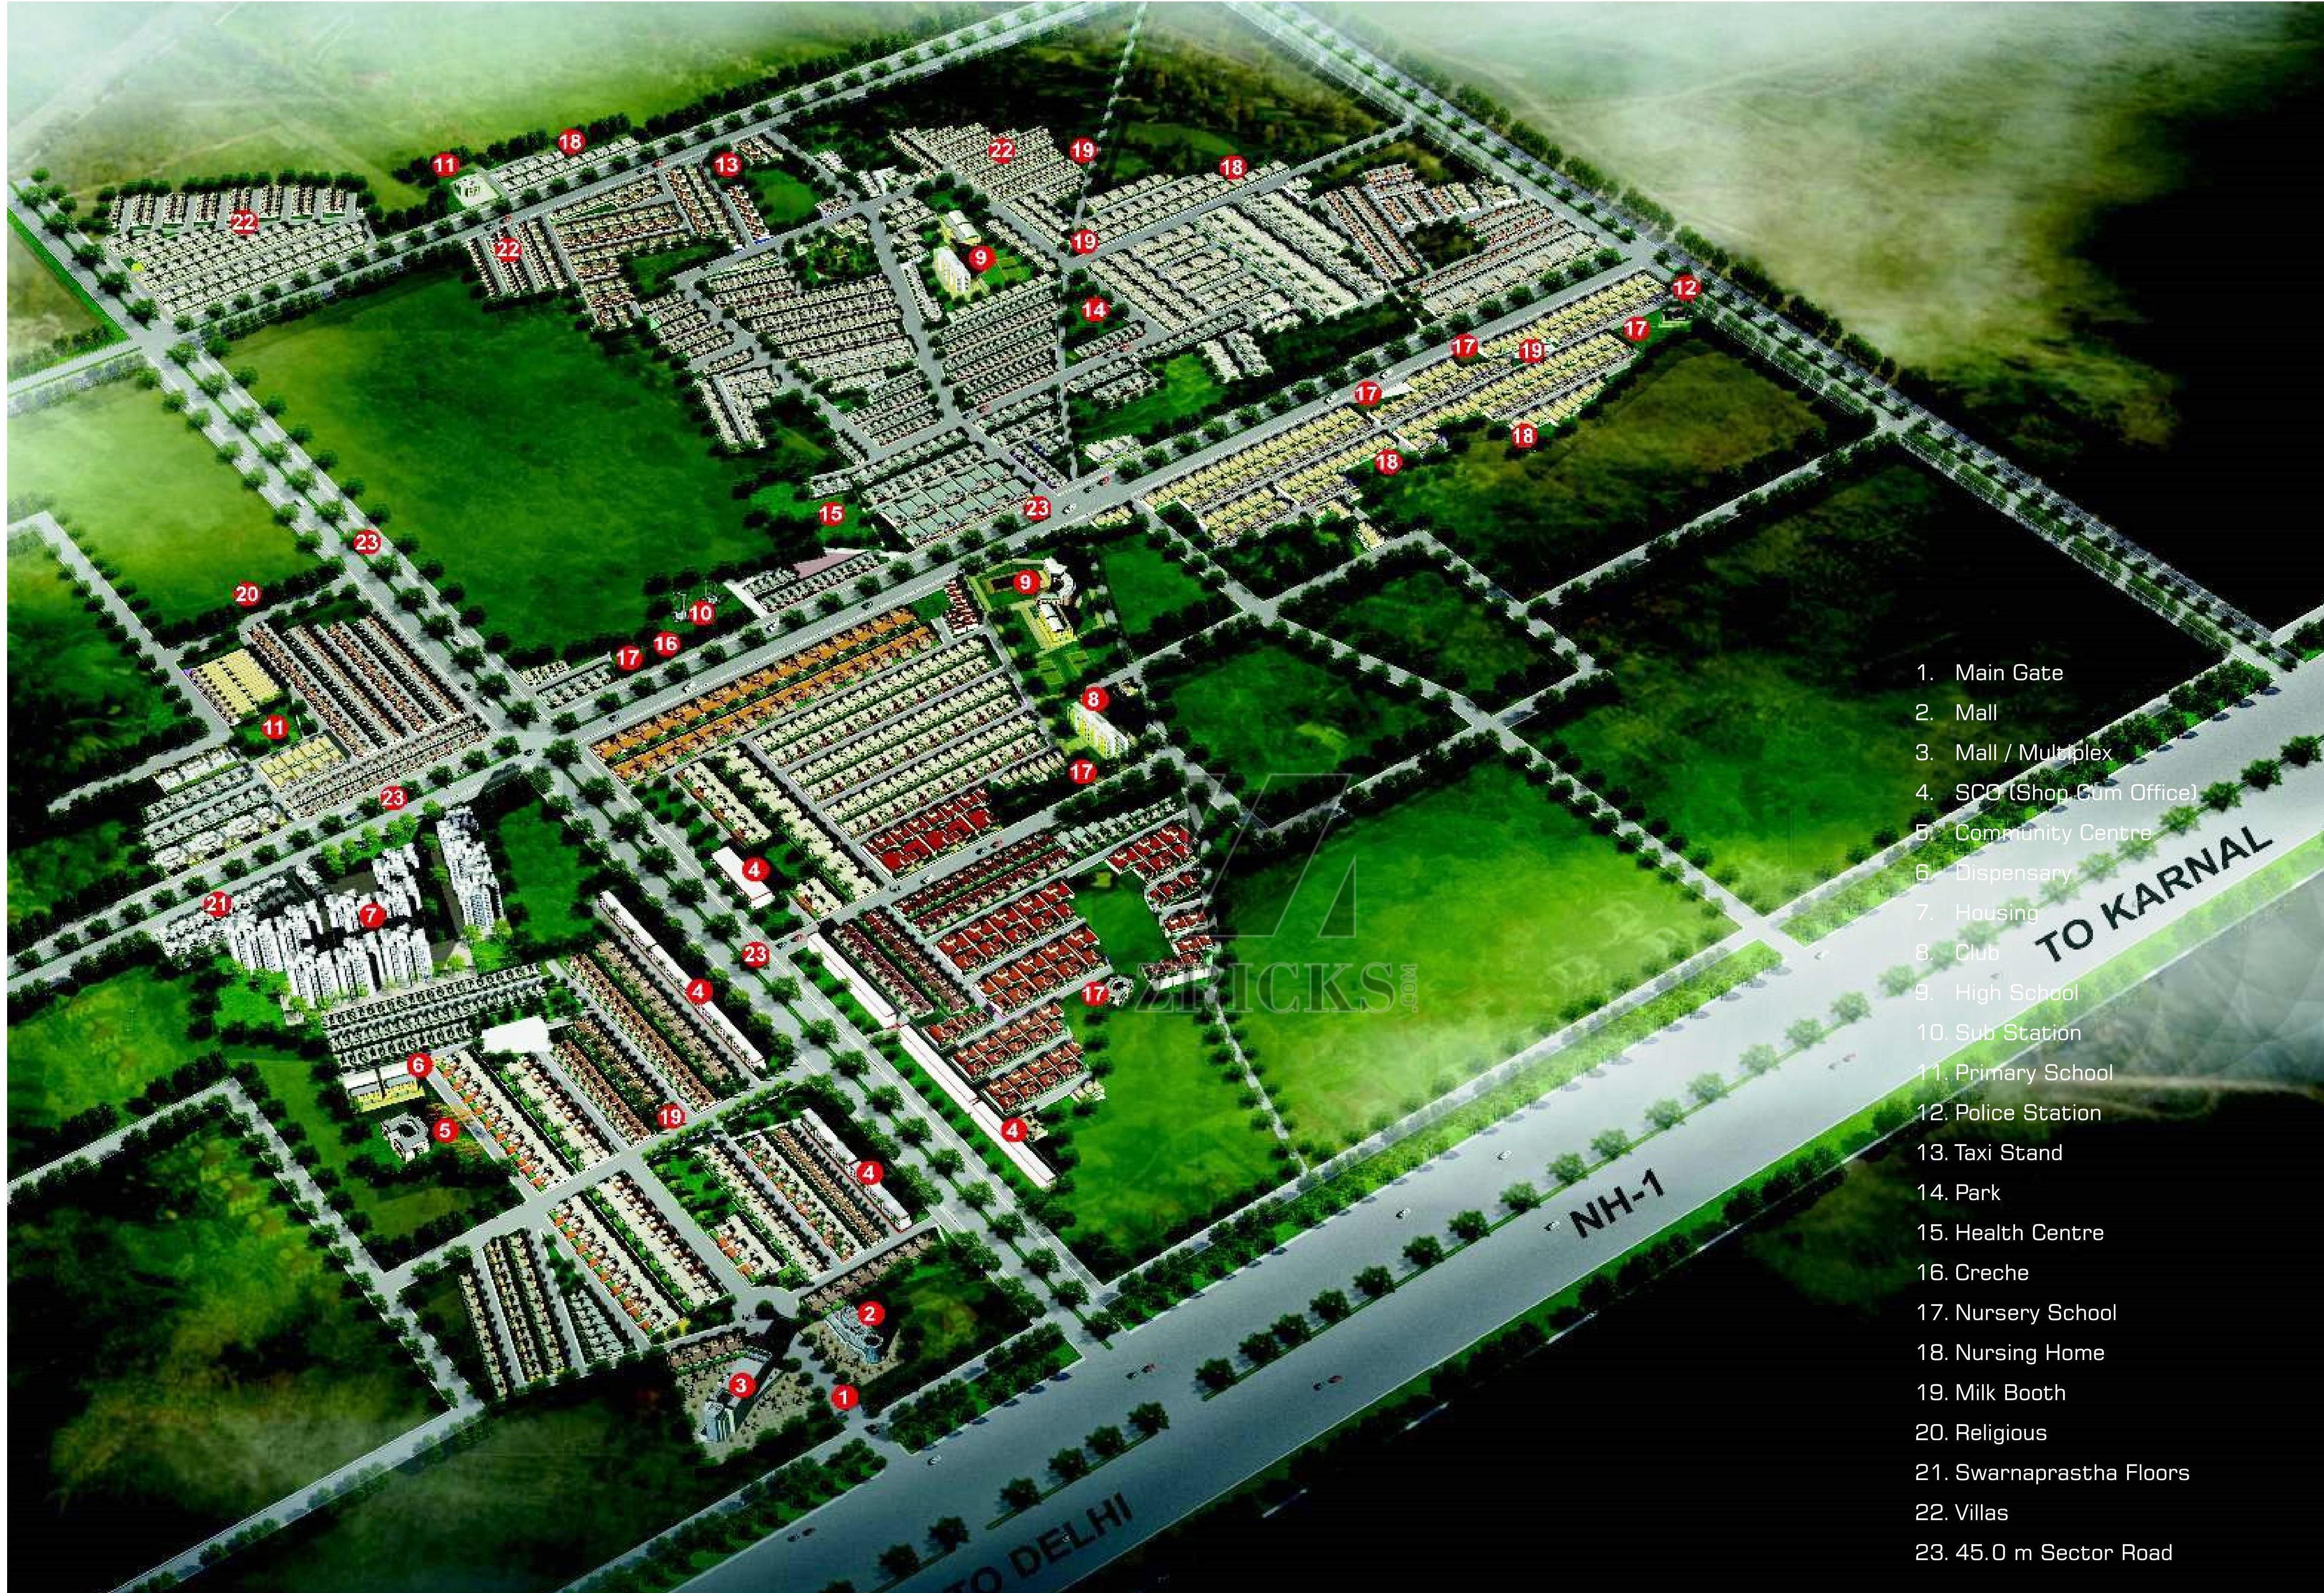 Omaxe City Villas Sector 8 Gt Road Sonipat Zricks Com